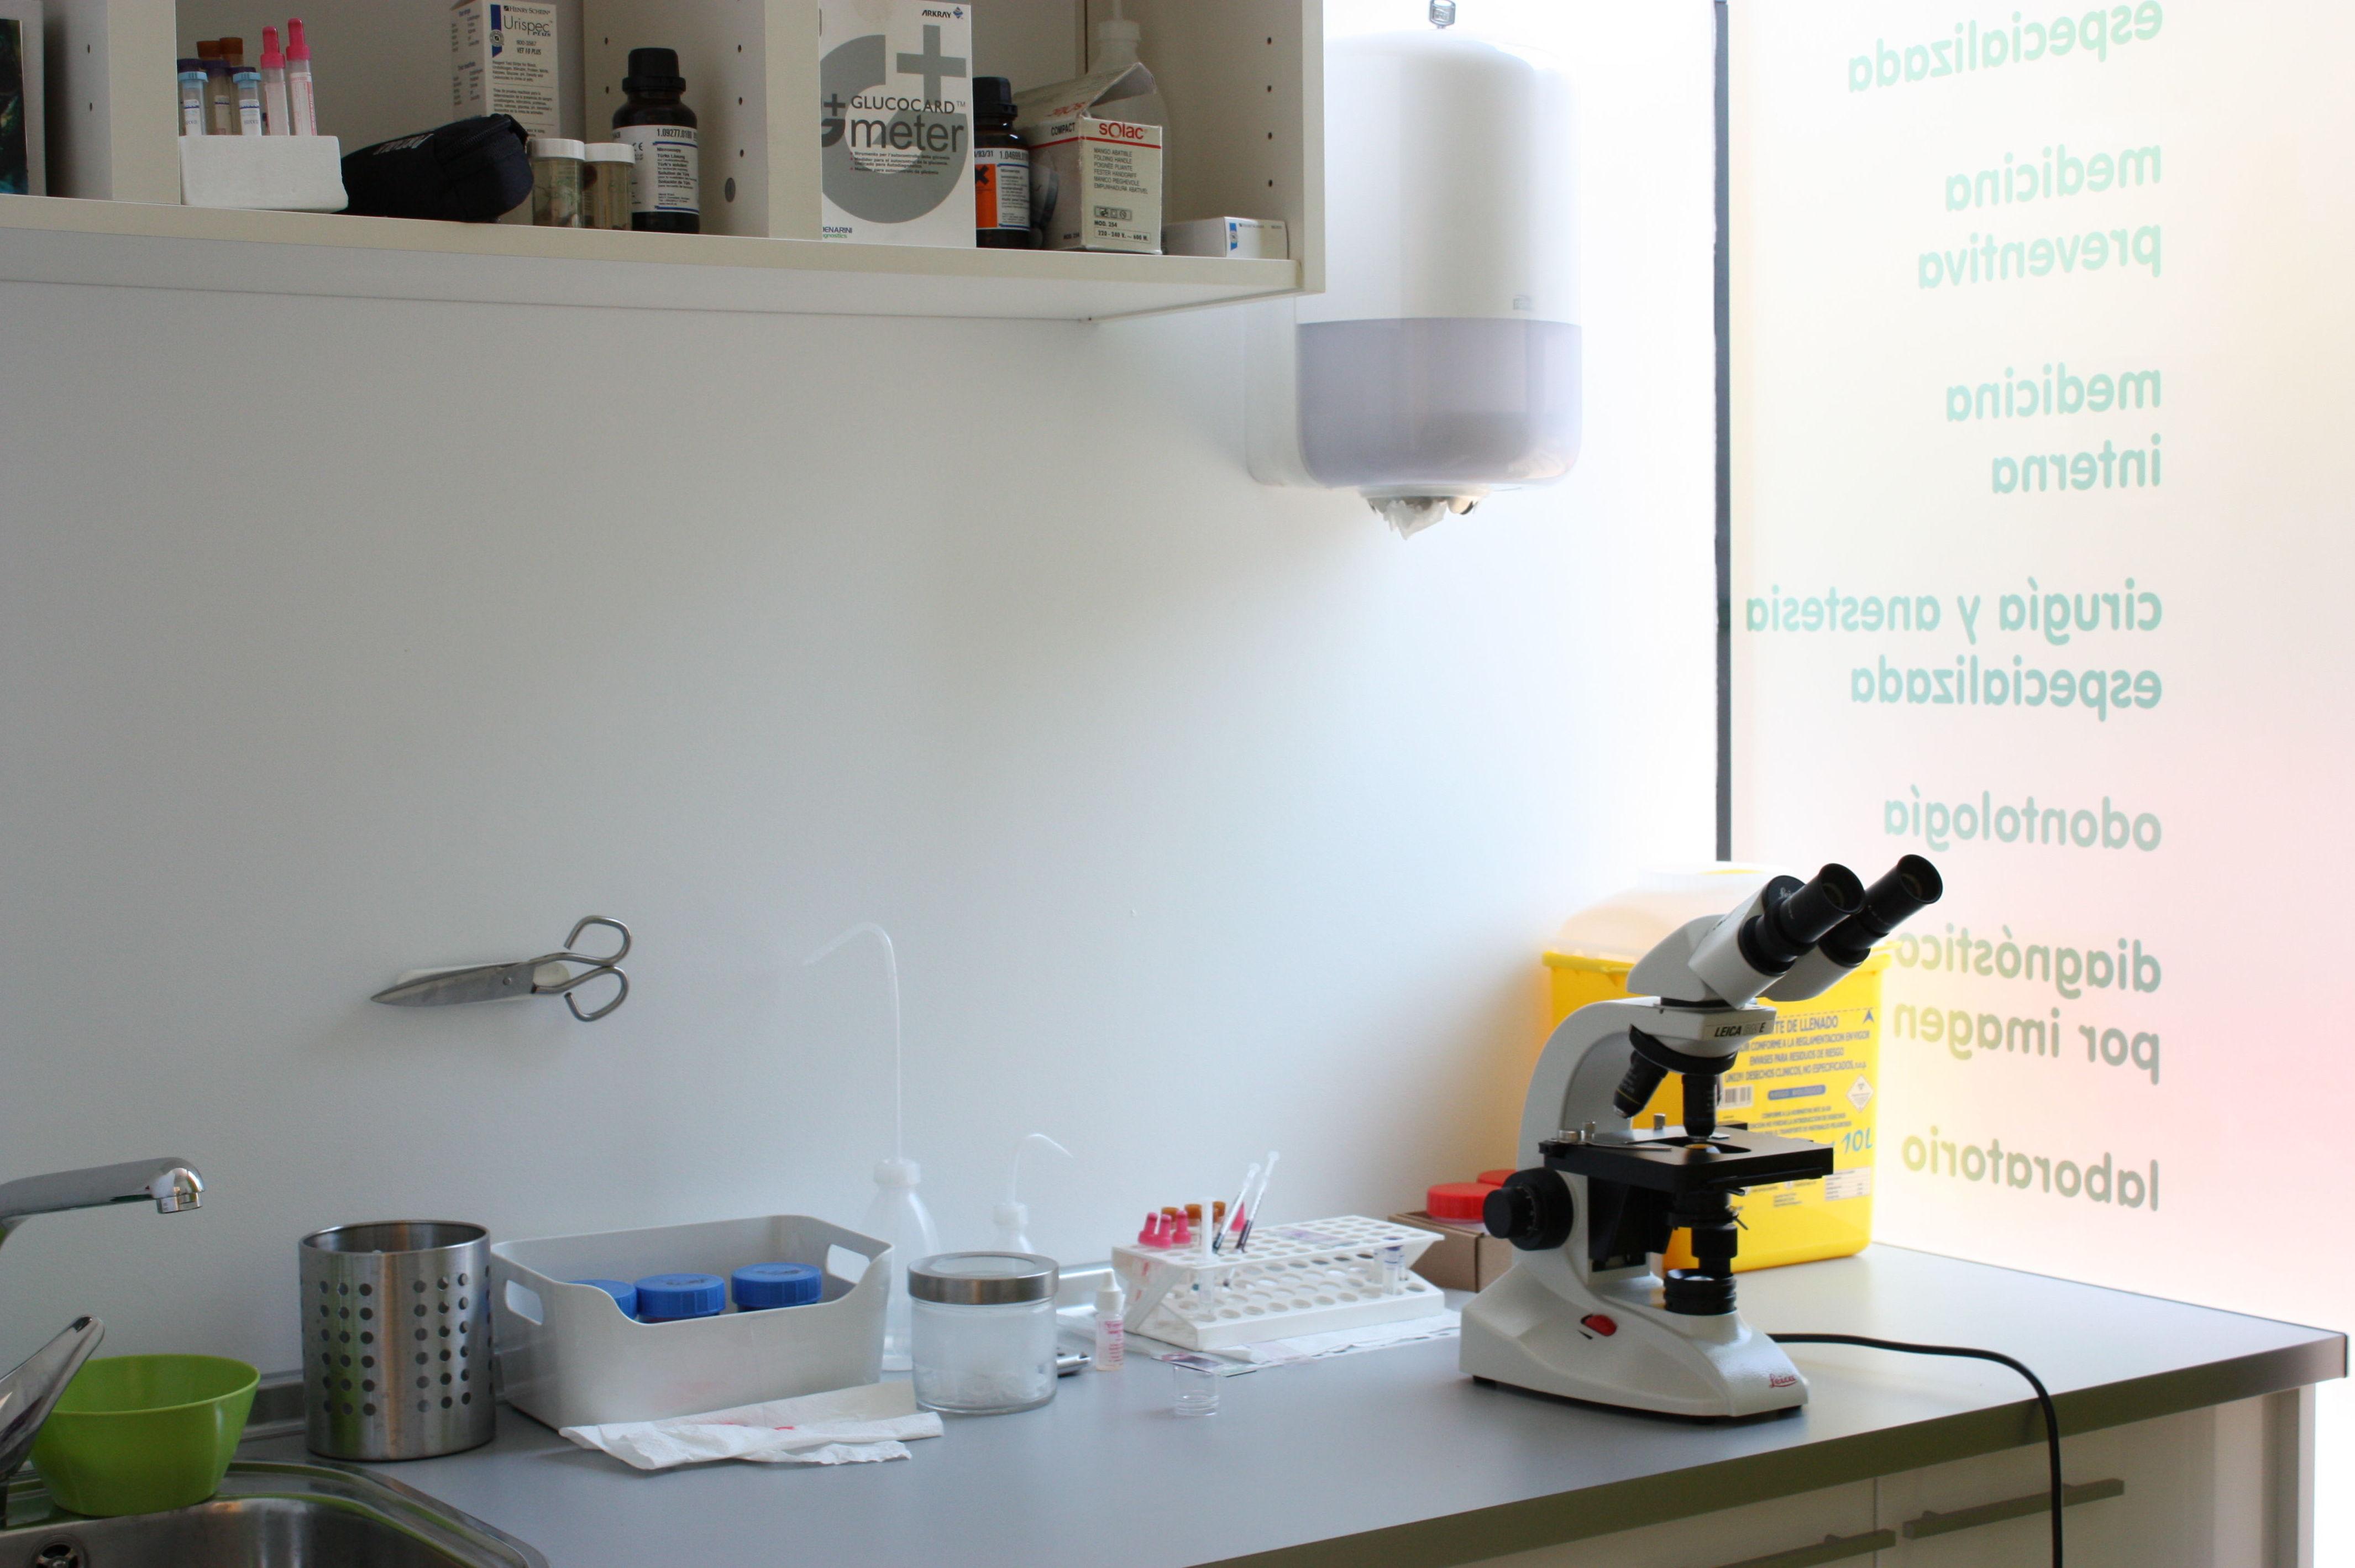 Laboratorio clínica de animales exóticos